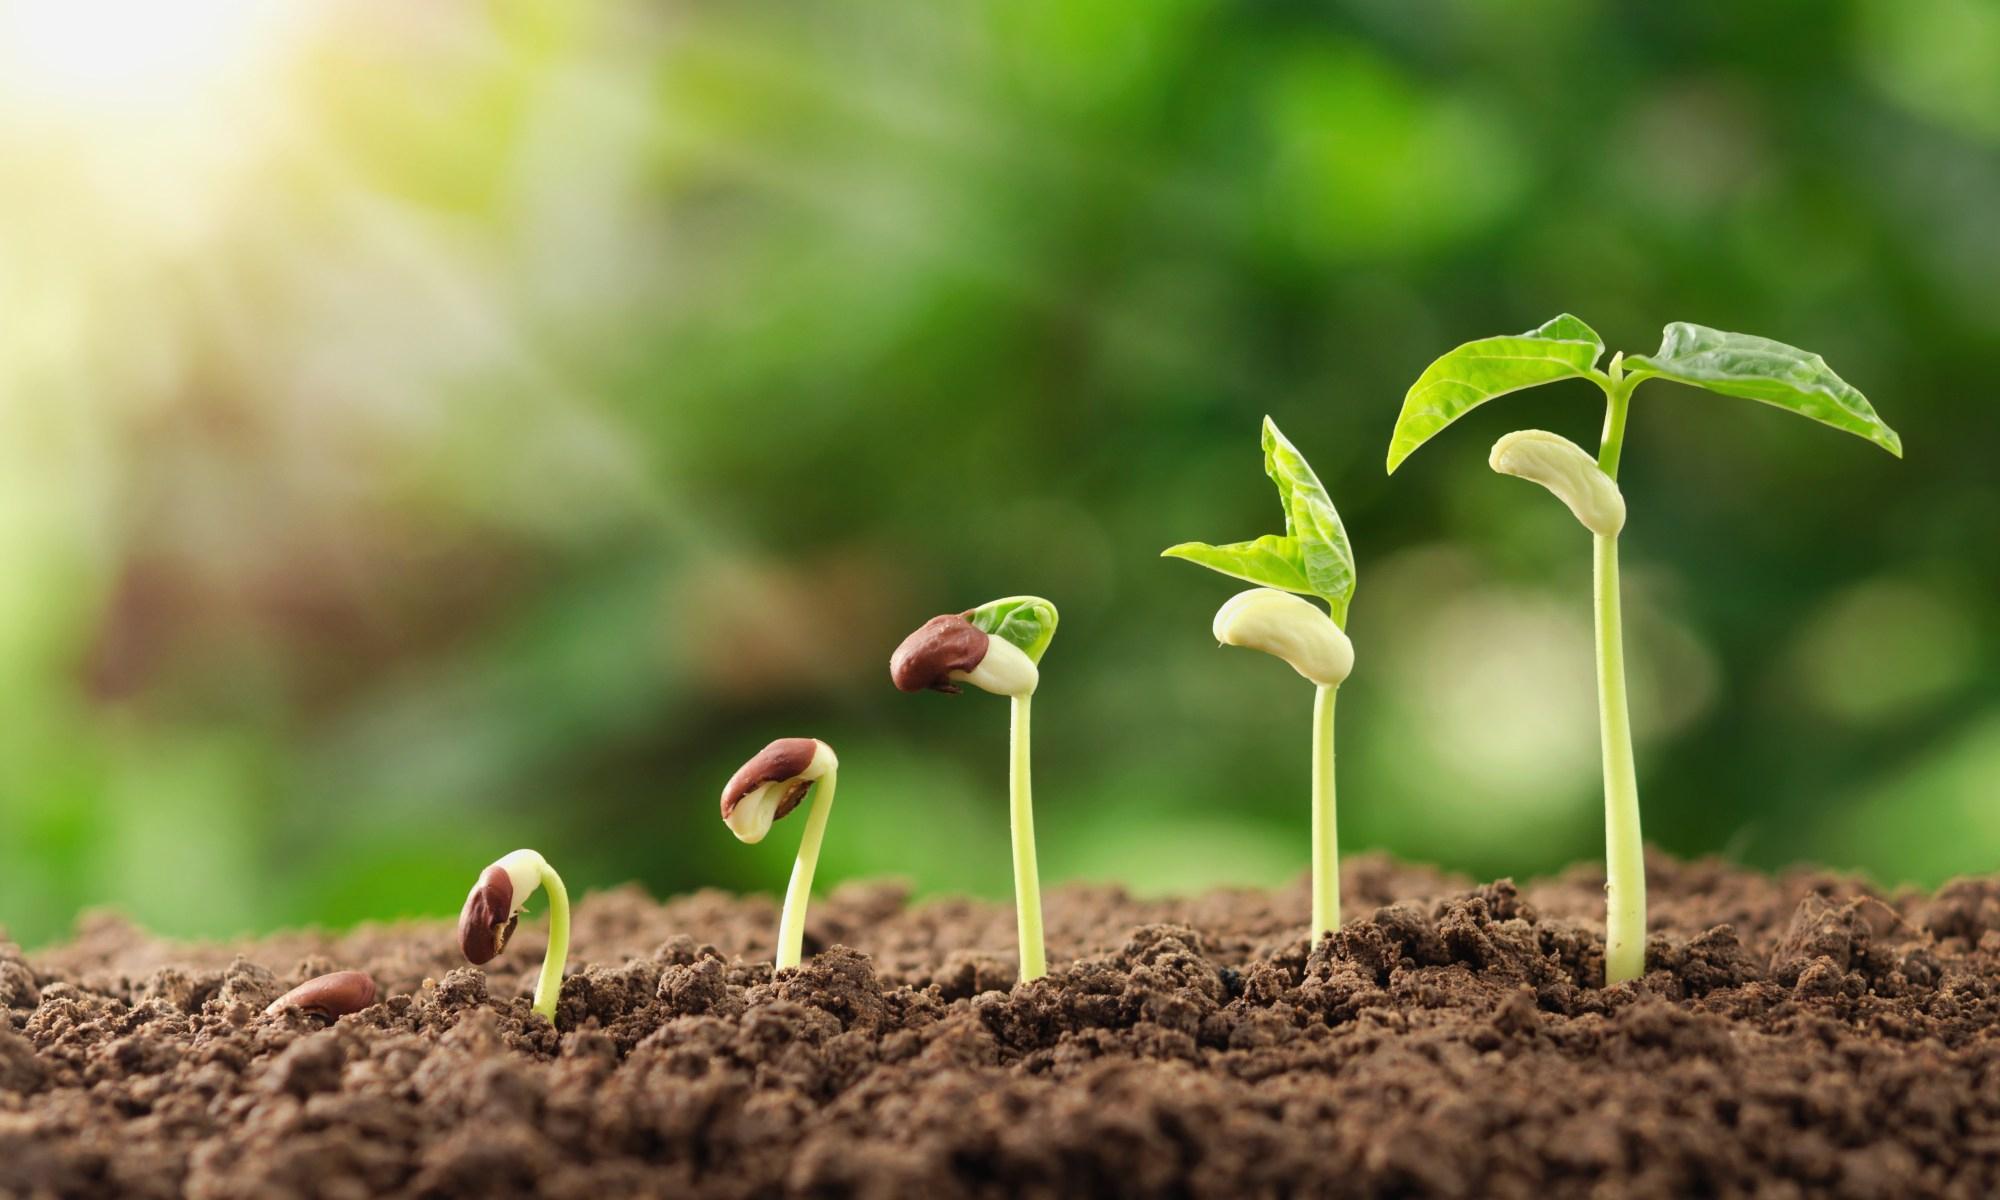 Les Engrais Pour Une Meilleure Croissance Des Plantes   Déco ... intérieur La Potasse Au Jardin